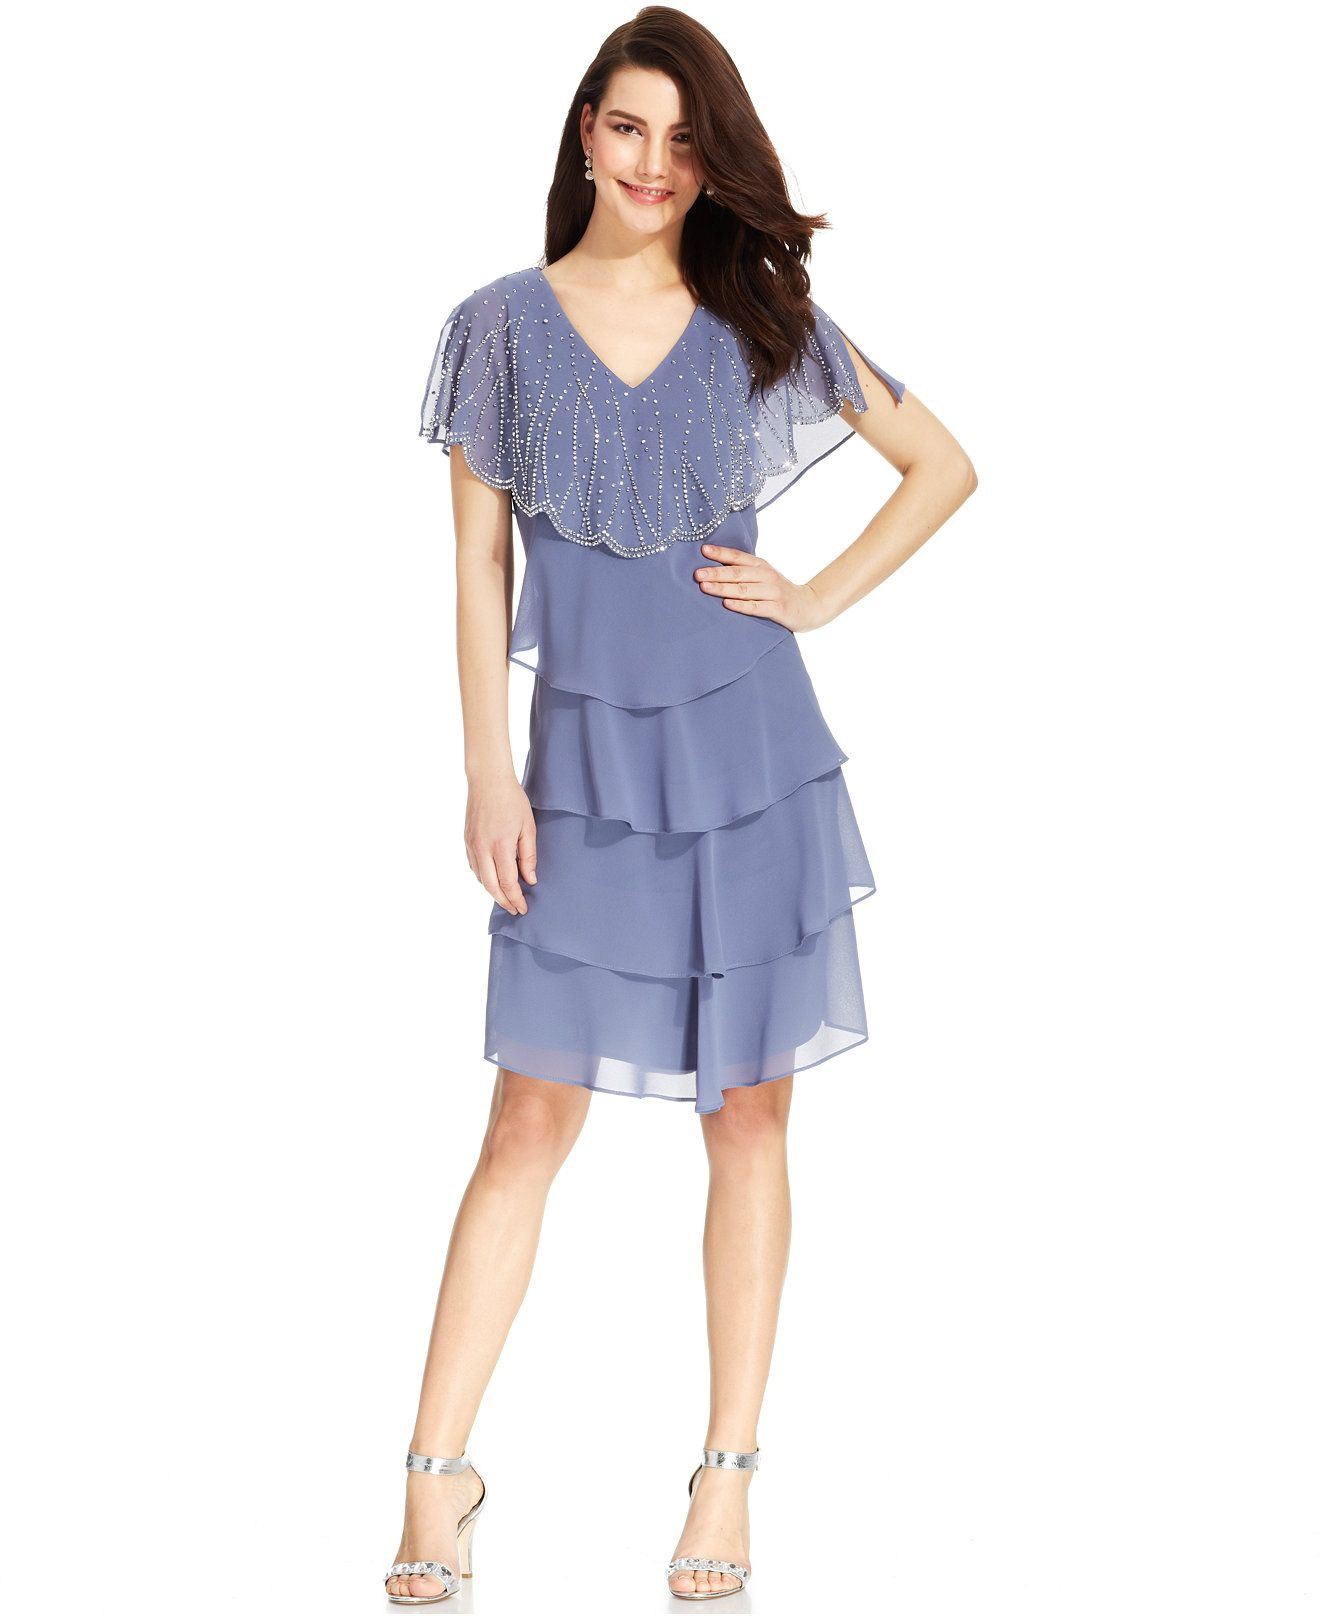 Patra Embellished Tiered Chiffon Dress - Dresses - Women - Macy's ...